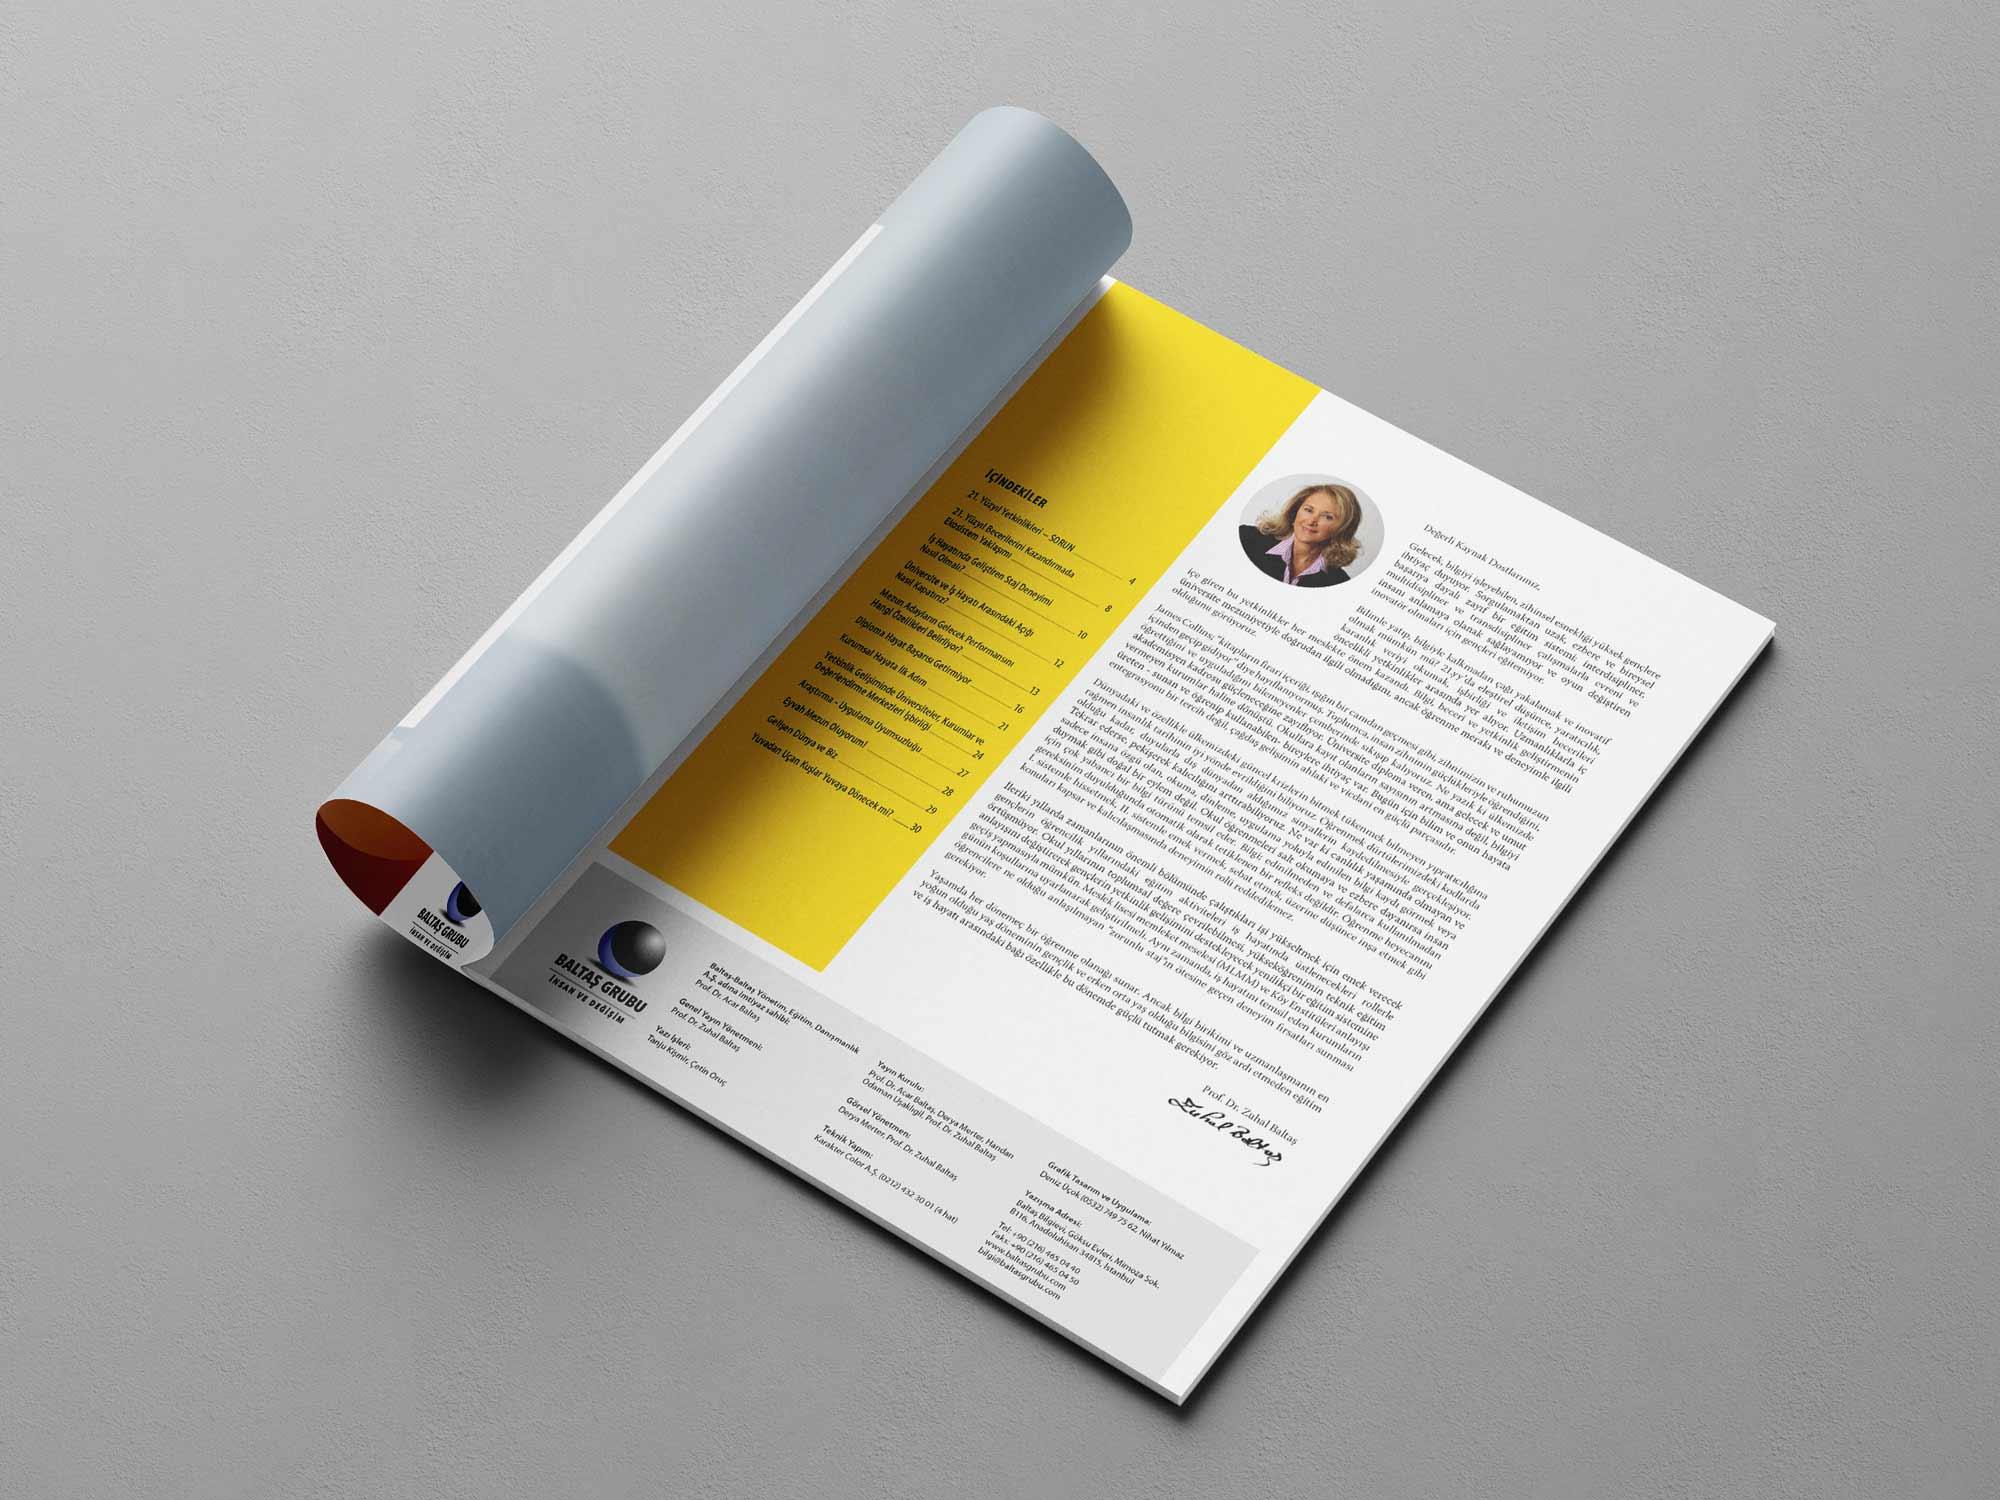 Layout-Baltas Kaynak Quarterly 02